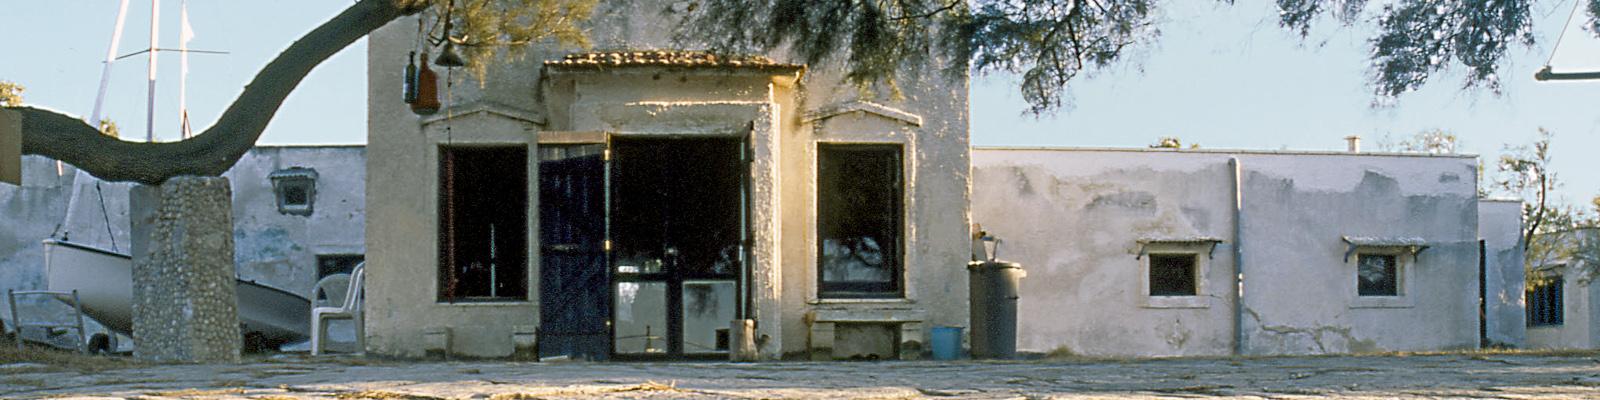 Centro Velico Torre Guaceto - Base Nautica